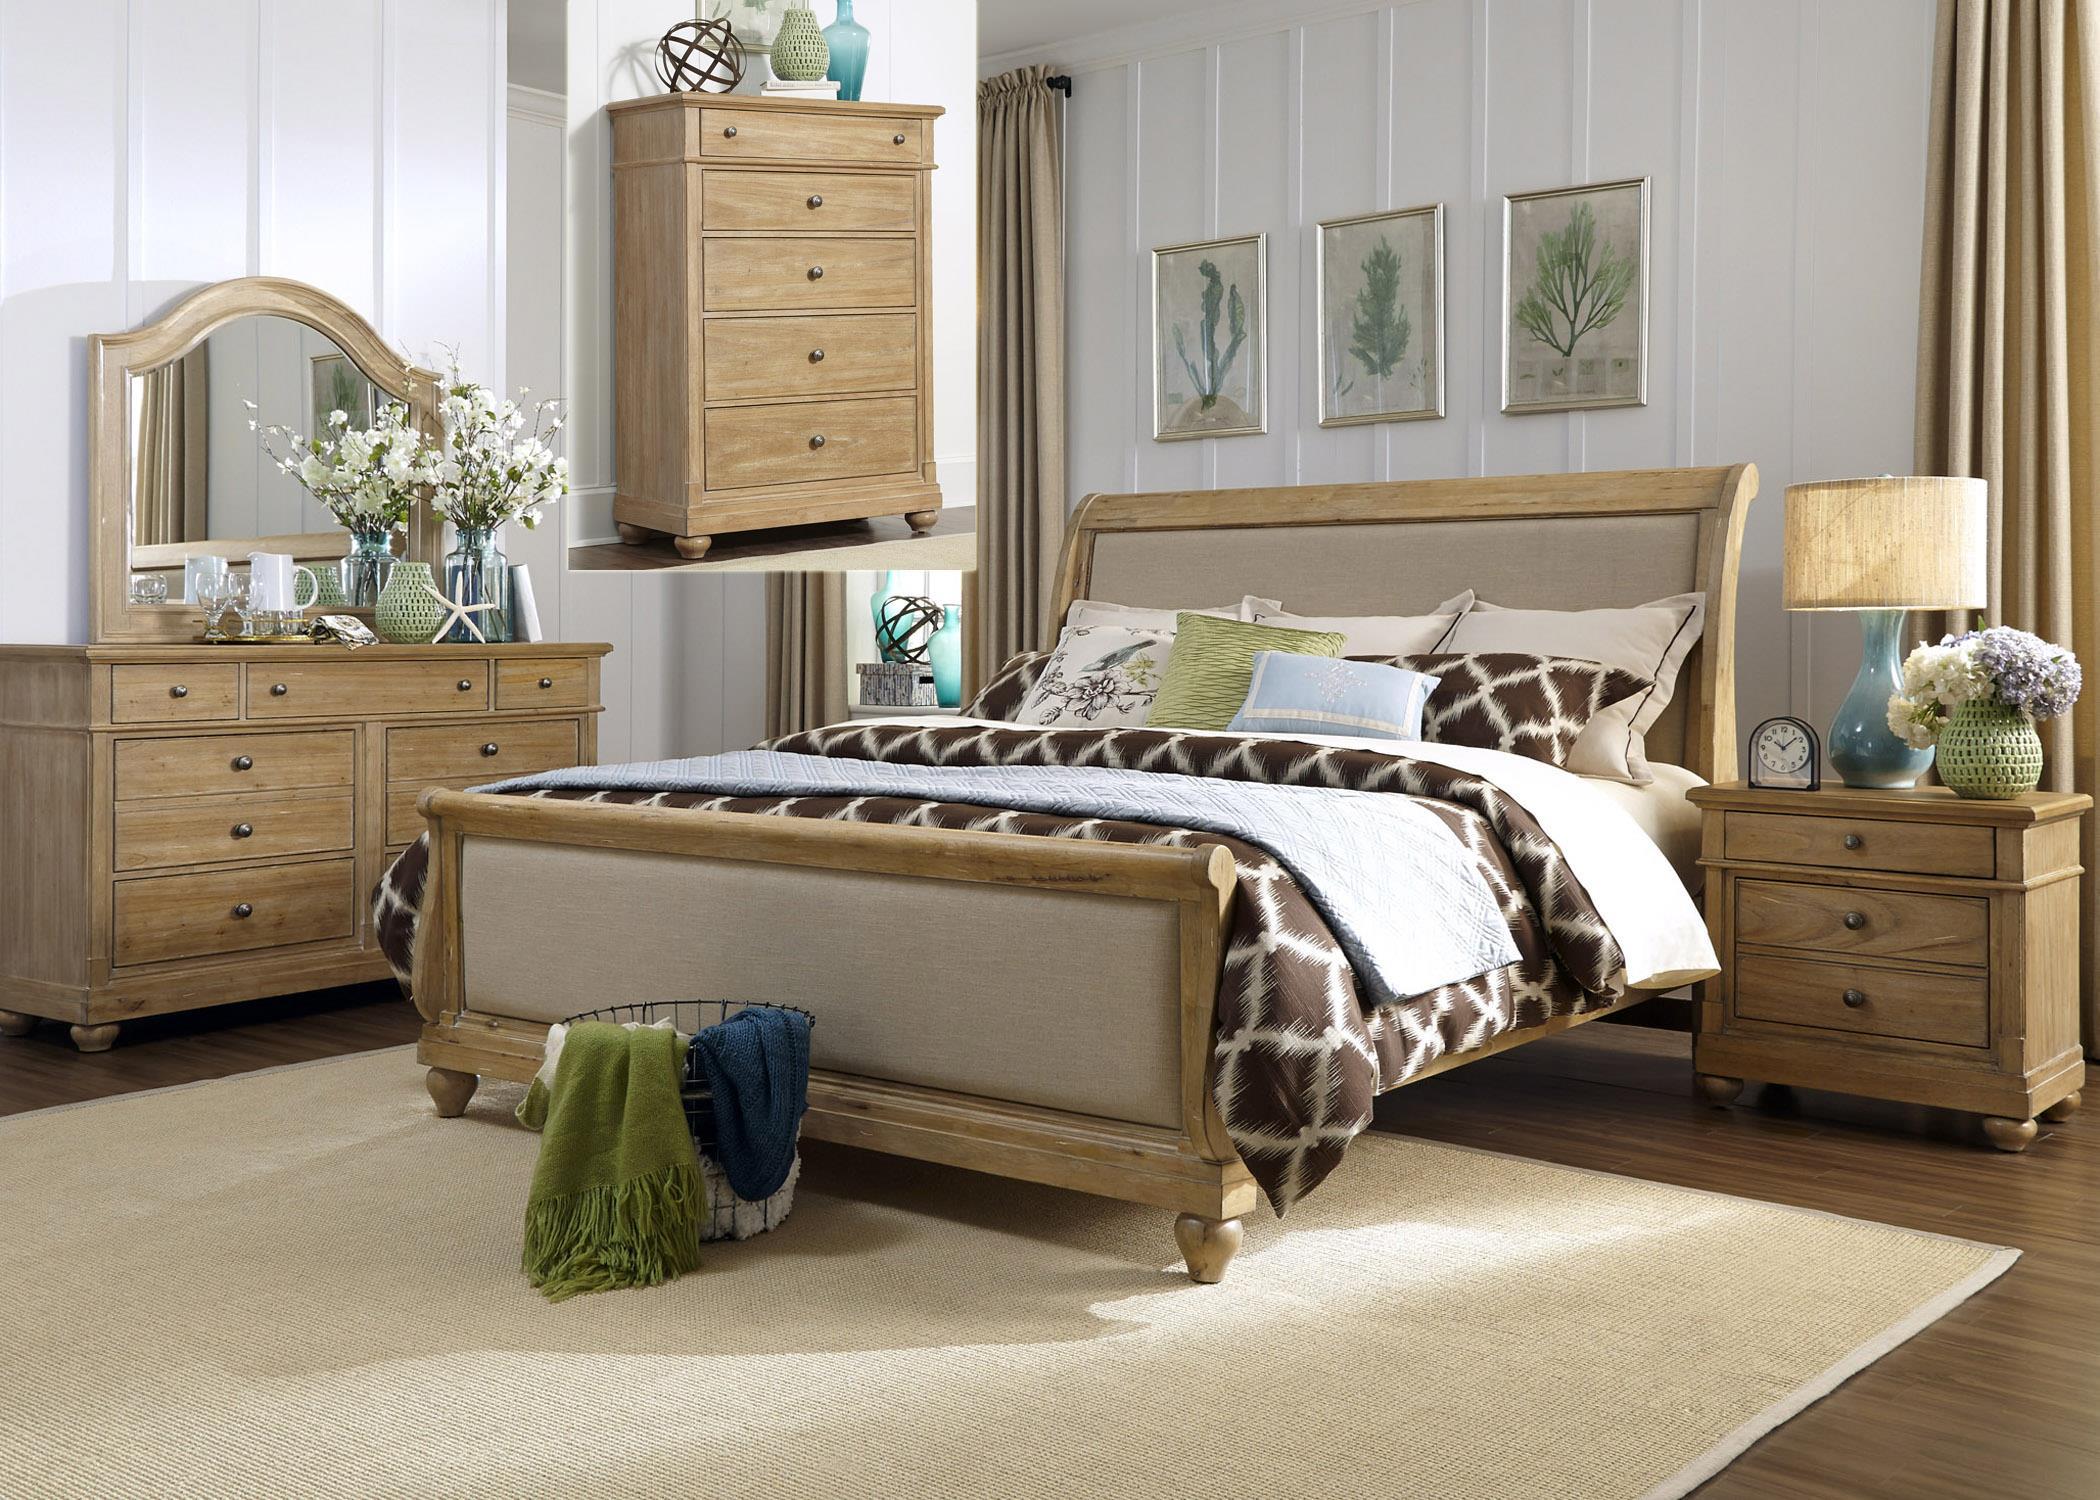 Liberty Furniture Harbor View King Bedroom Group - Item Number: 531-BR-KSLDMCN